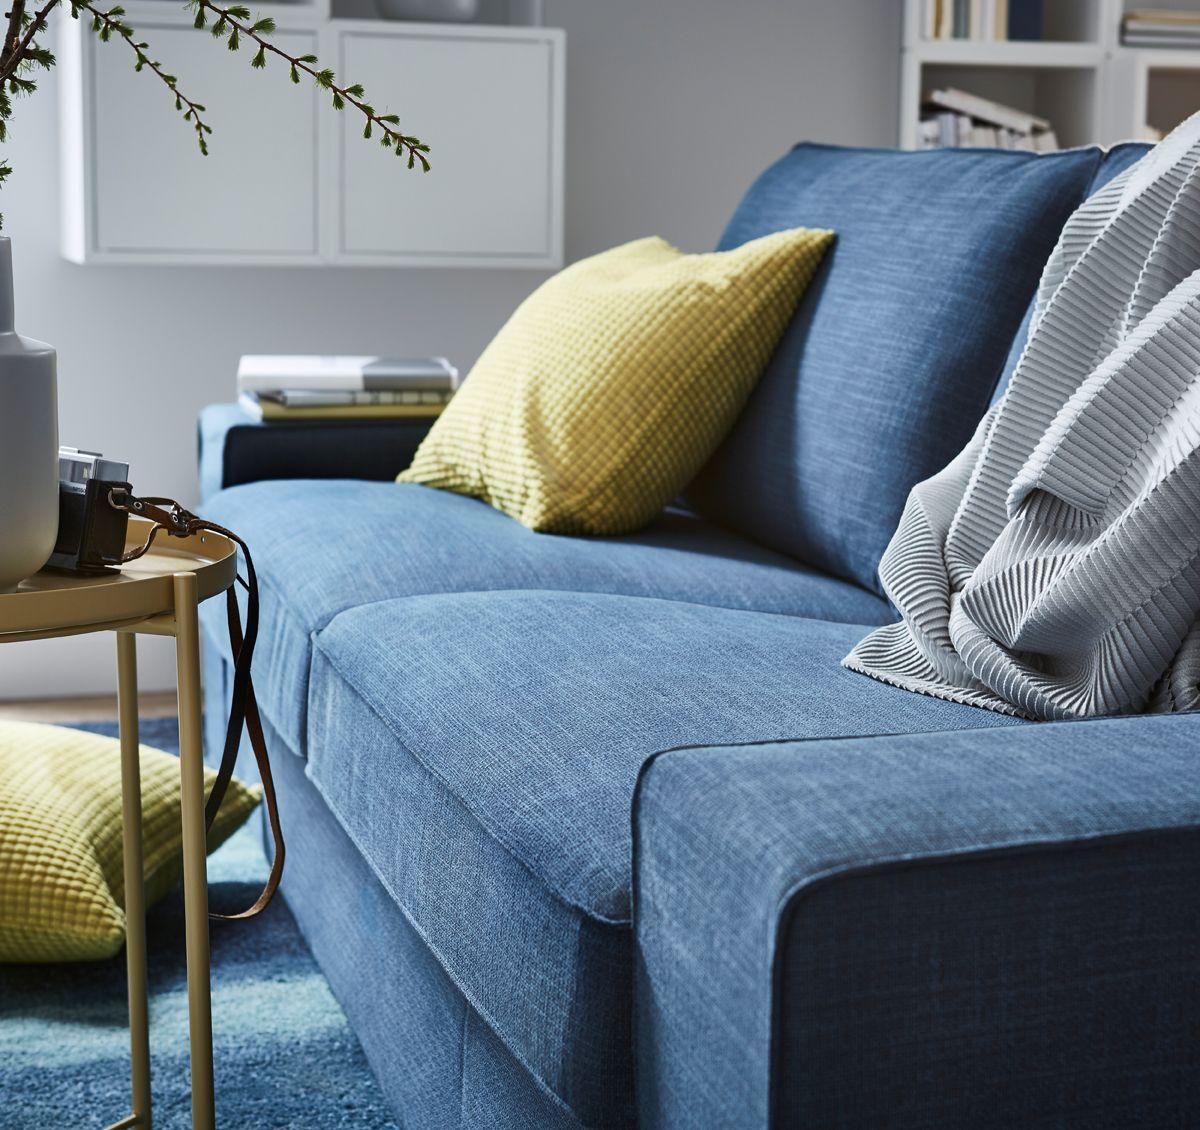 ce canap deux places kivik bleu fonc a une assise moelleuse et profonde et un dossier. Black Bedroom Furniture Sets. Home Design Ideas